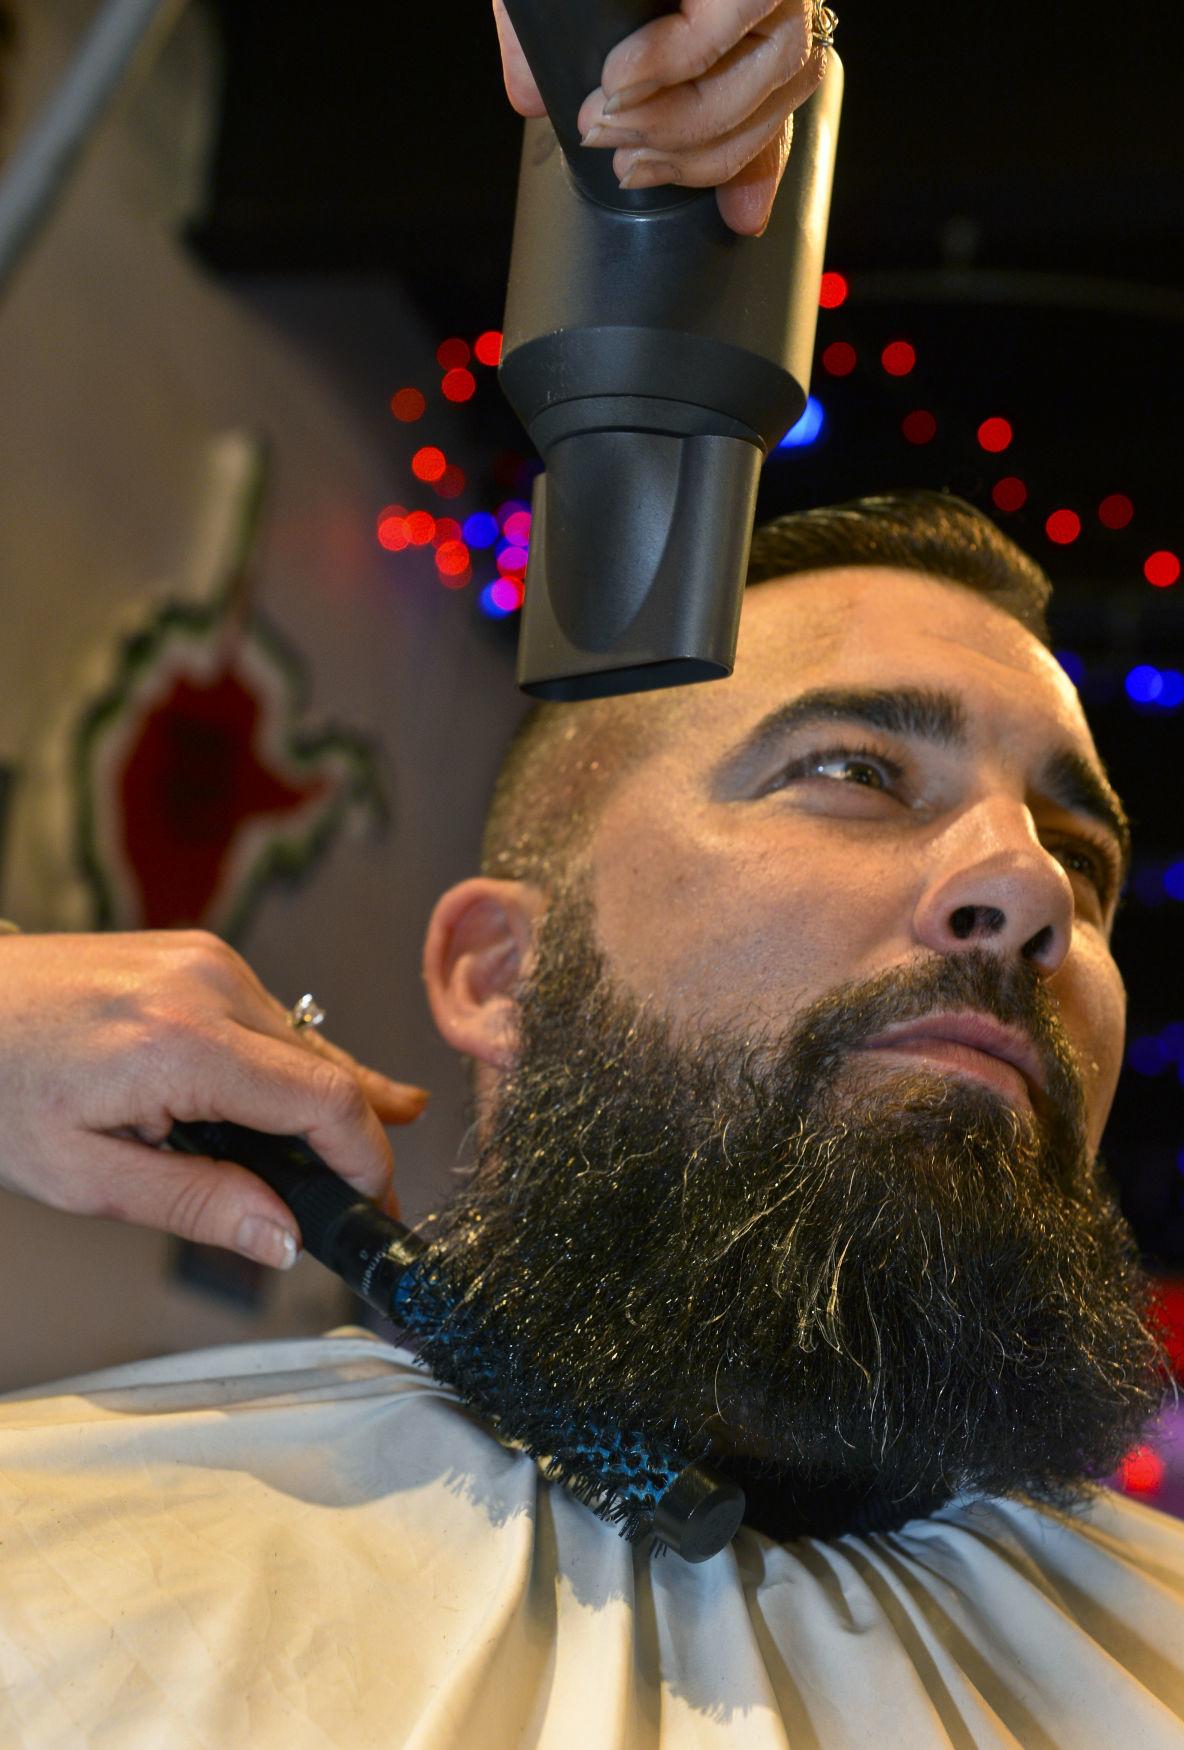 20191103-gm-beard1